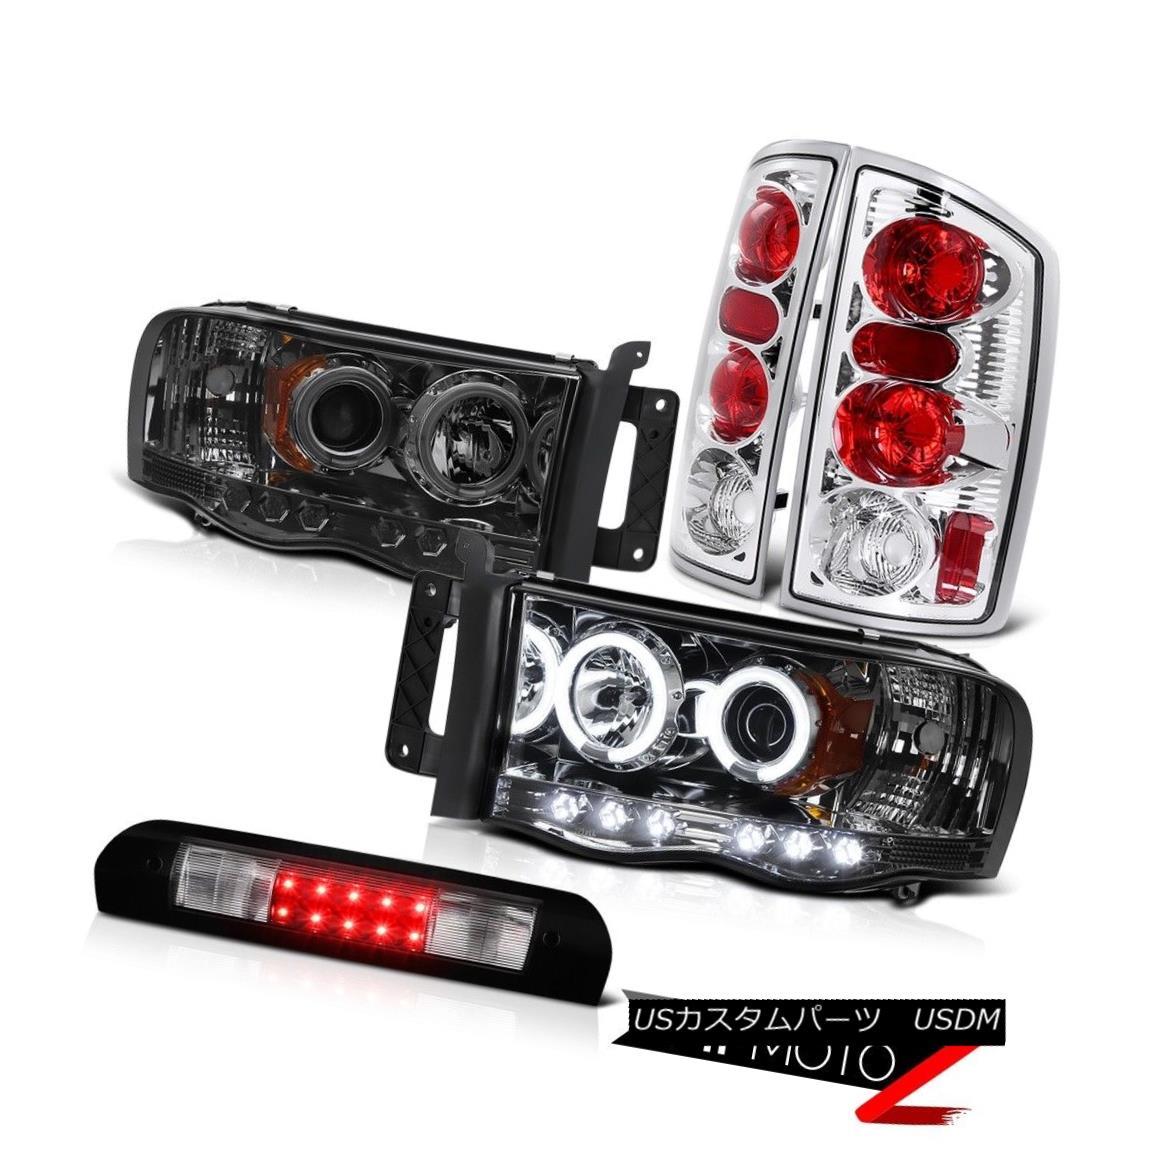 ヘッドライト Tint CCFL DRL Halo Headlights Rear Brake Tail Lights High LED 02 03 04 05 Ram WS ティントCCFL DRLハローヘッドライトリアブレーキテールライトハイLED 02 03 04 05 Ram WS